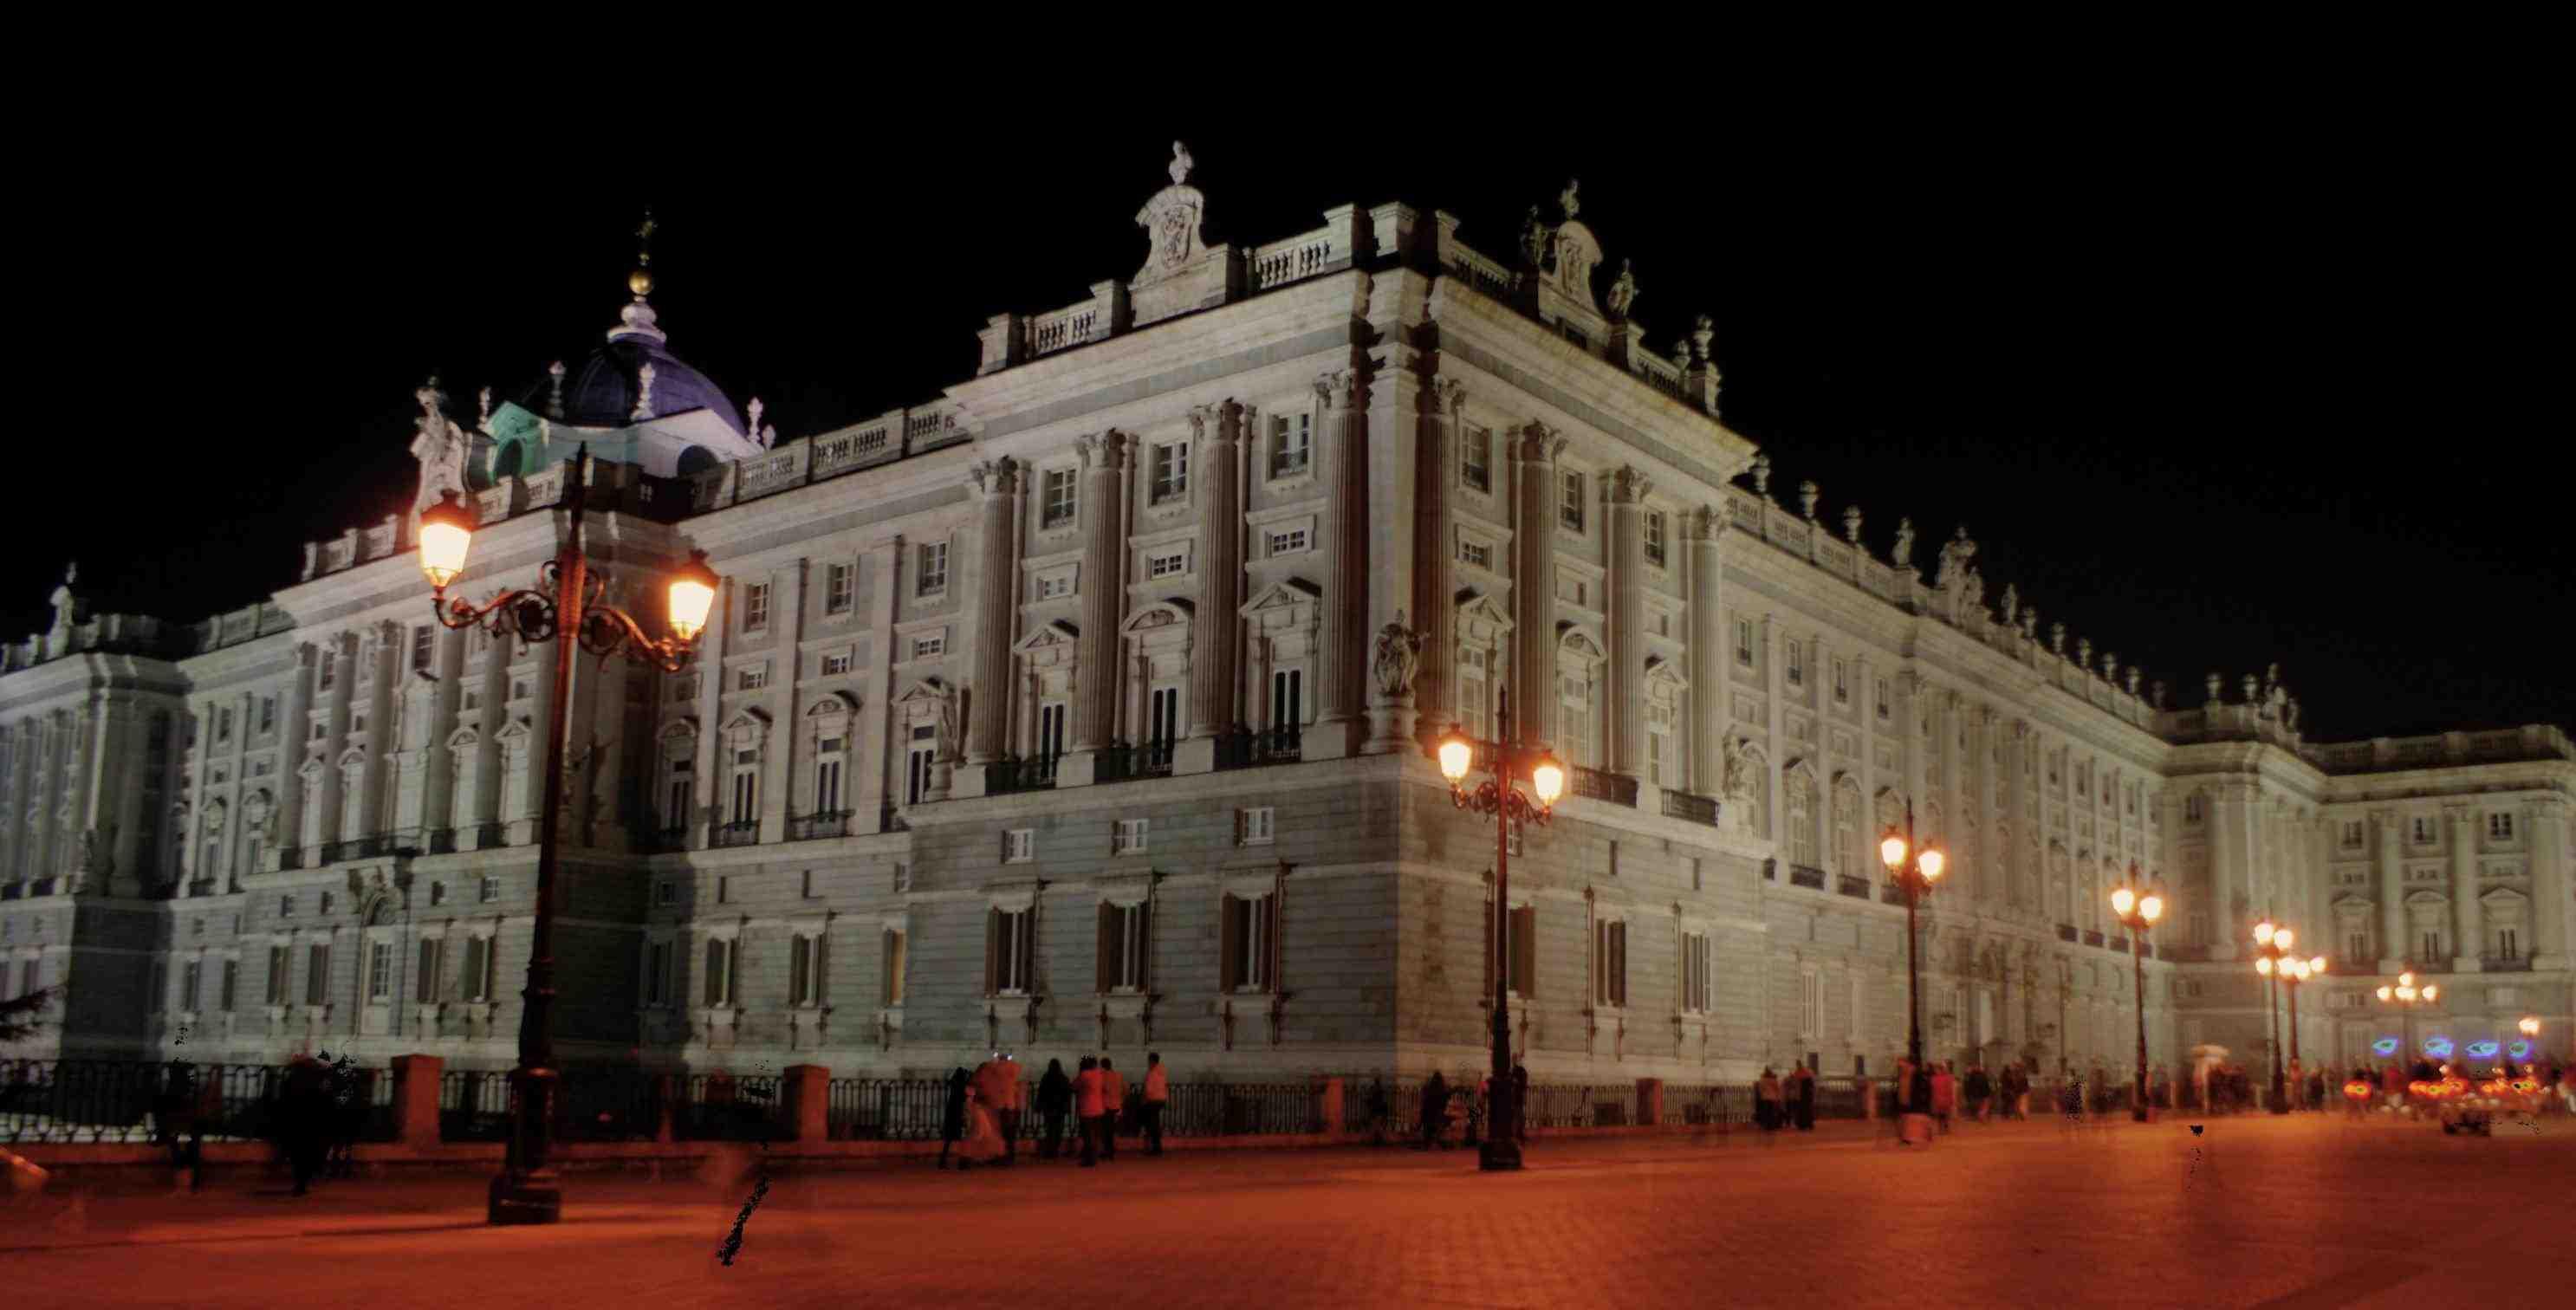 Royal Palace Of Madrid At Night